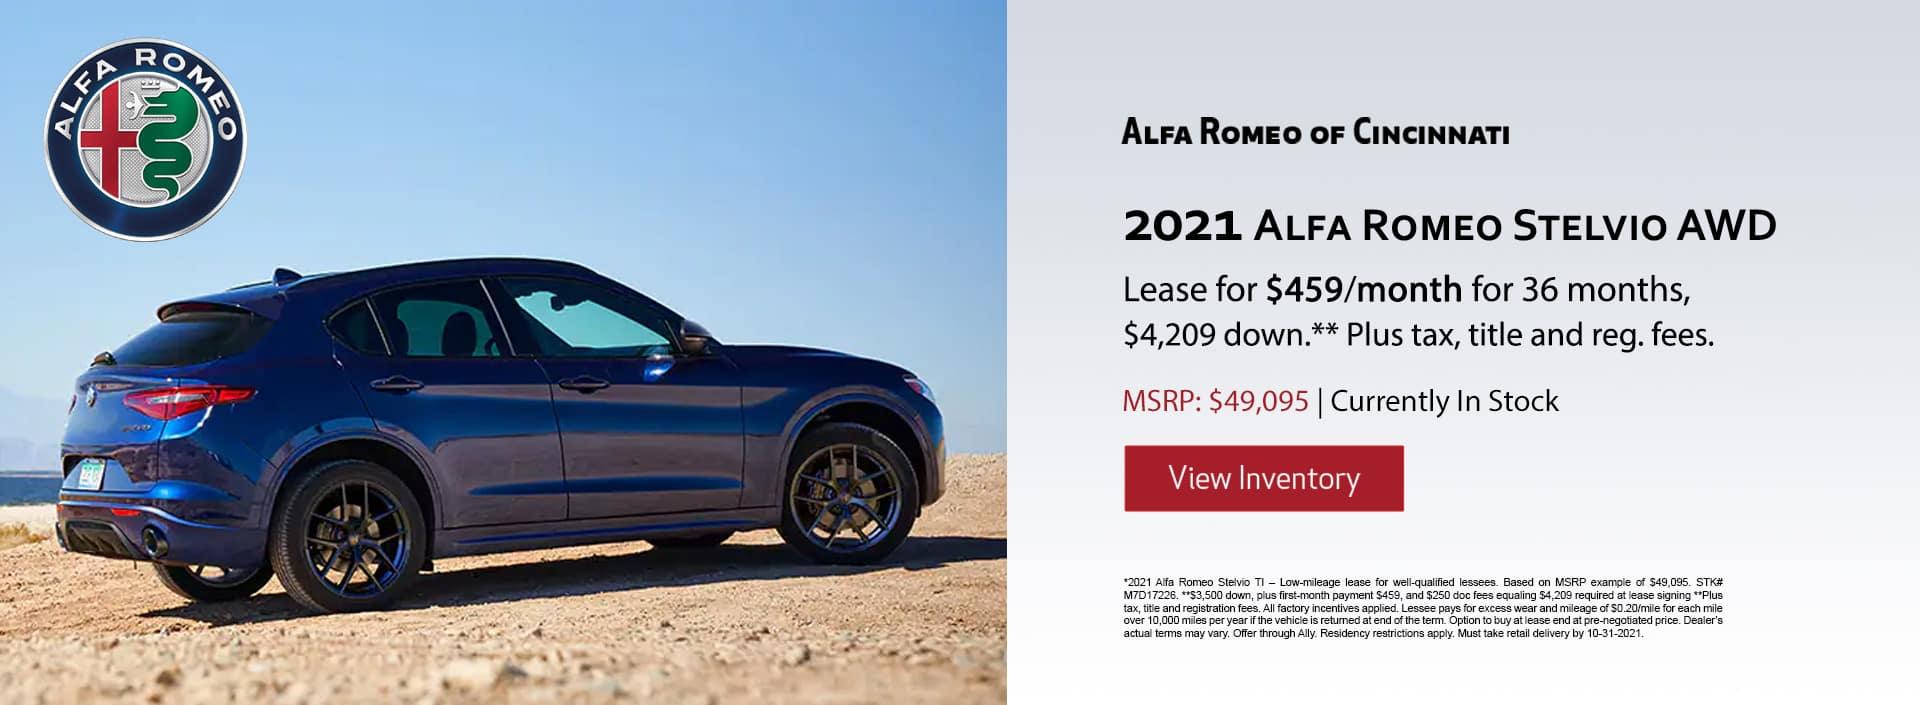 Alfa-Romeo-Lease-Slides-Oct21_v2_Stelvio-Recovered